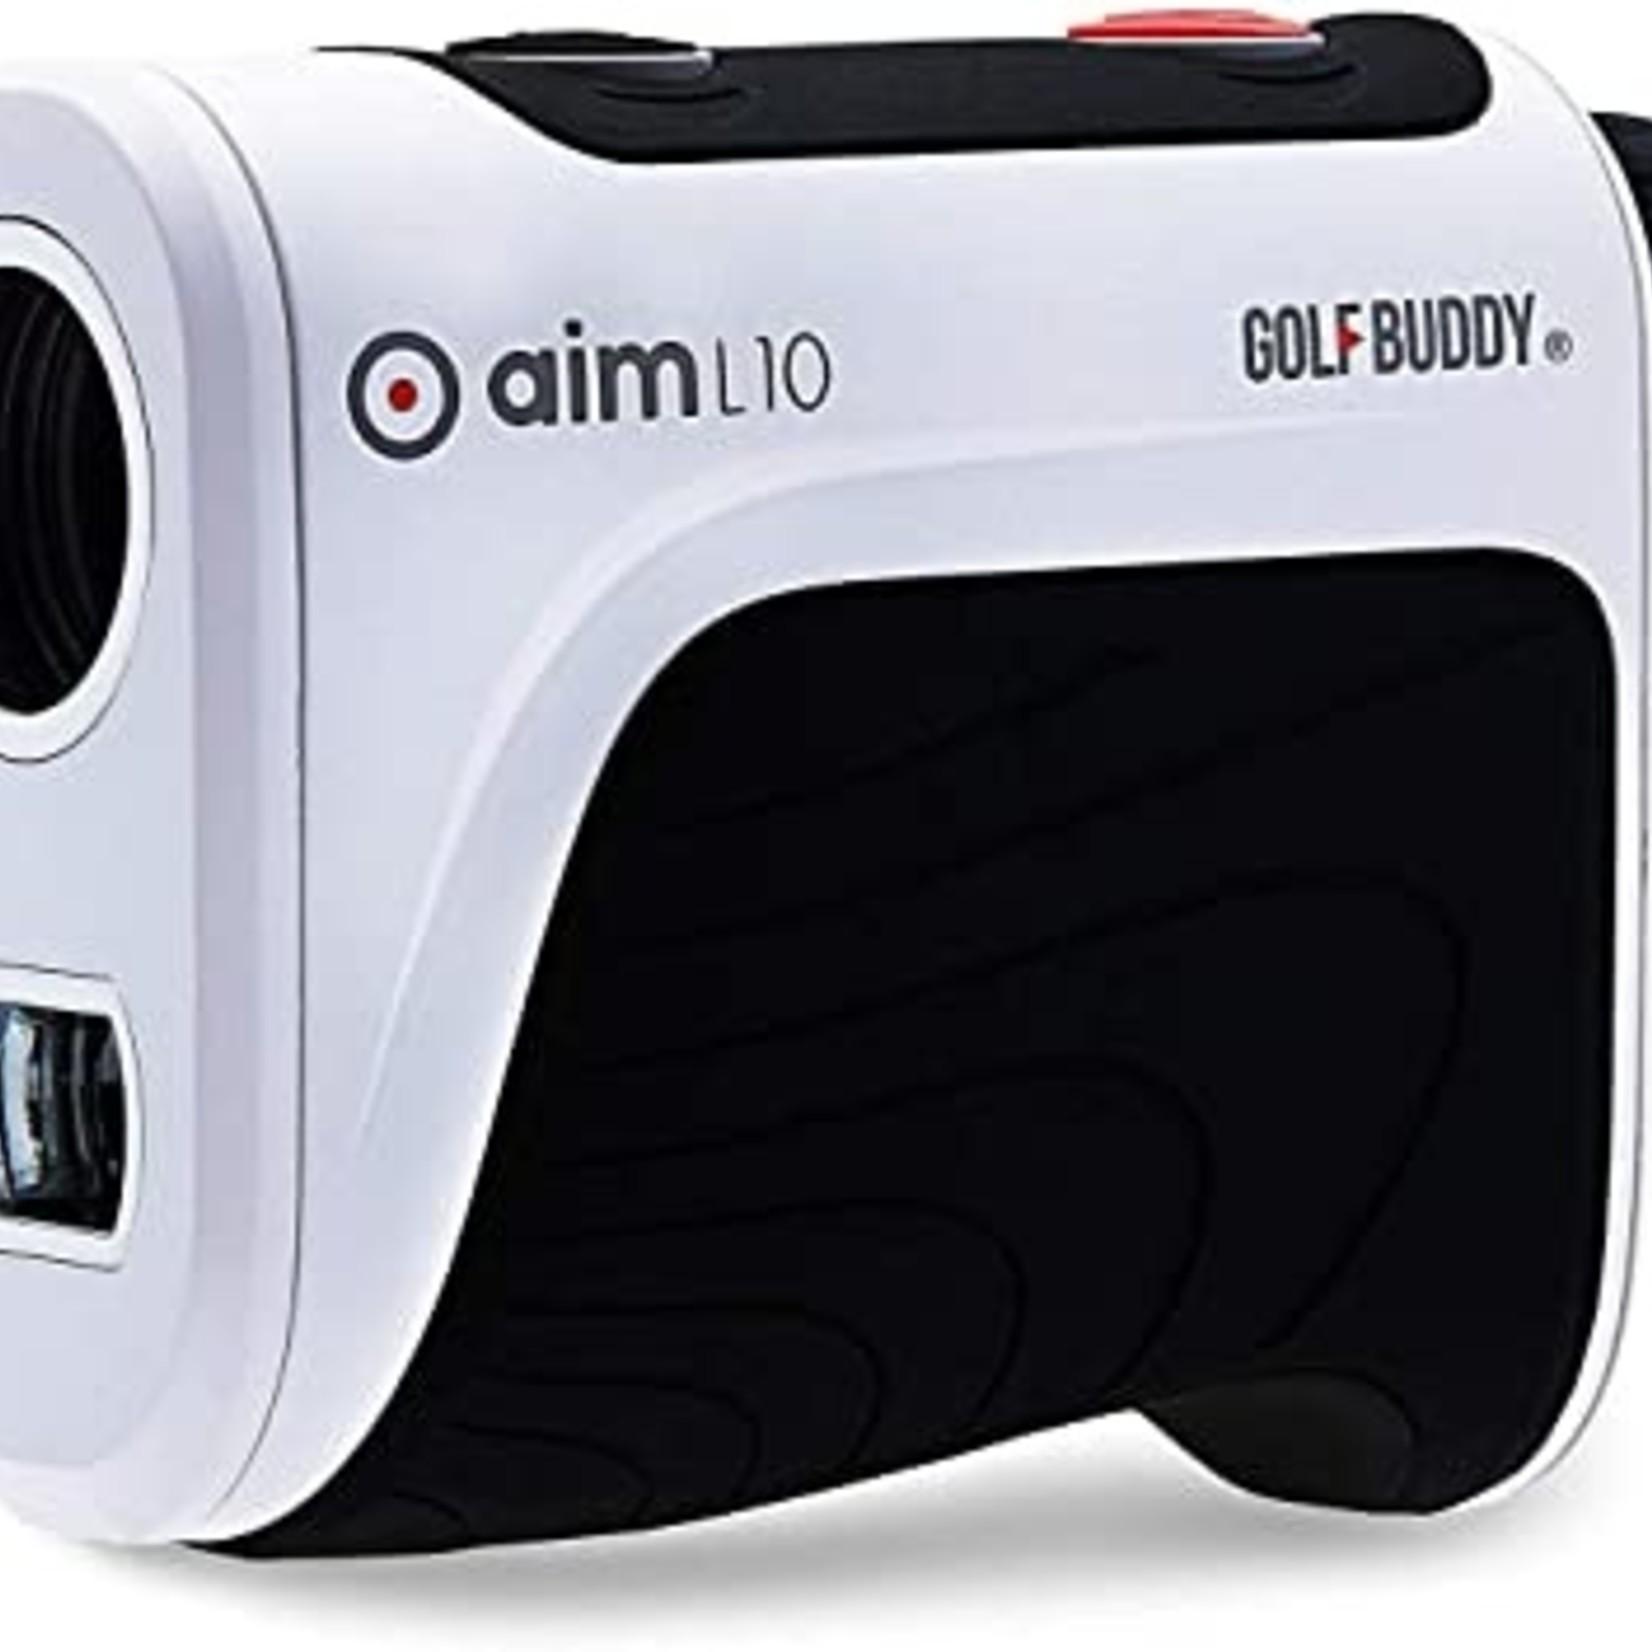 Golf Buddy Golf Buddy Aim L10